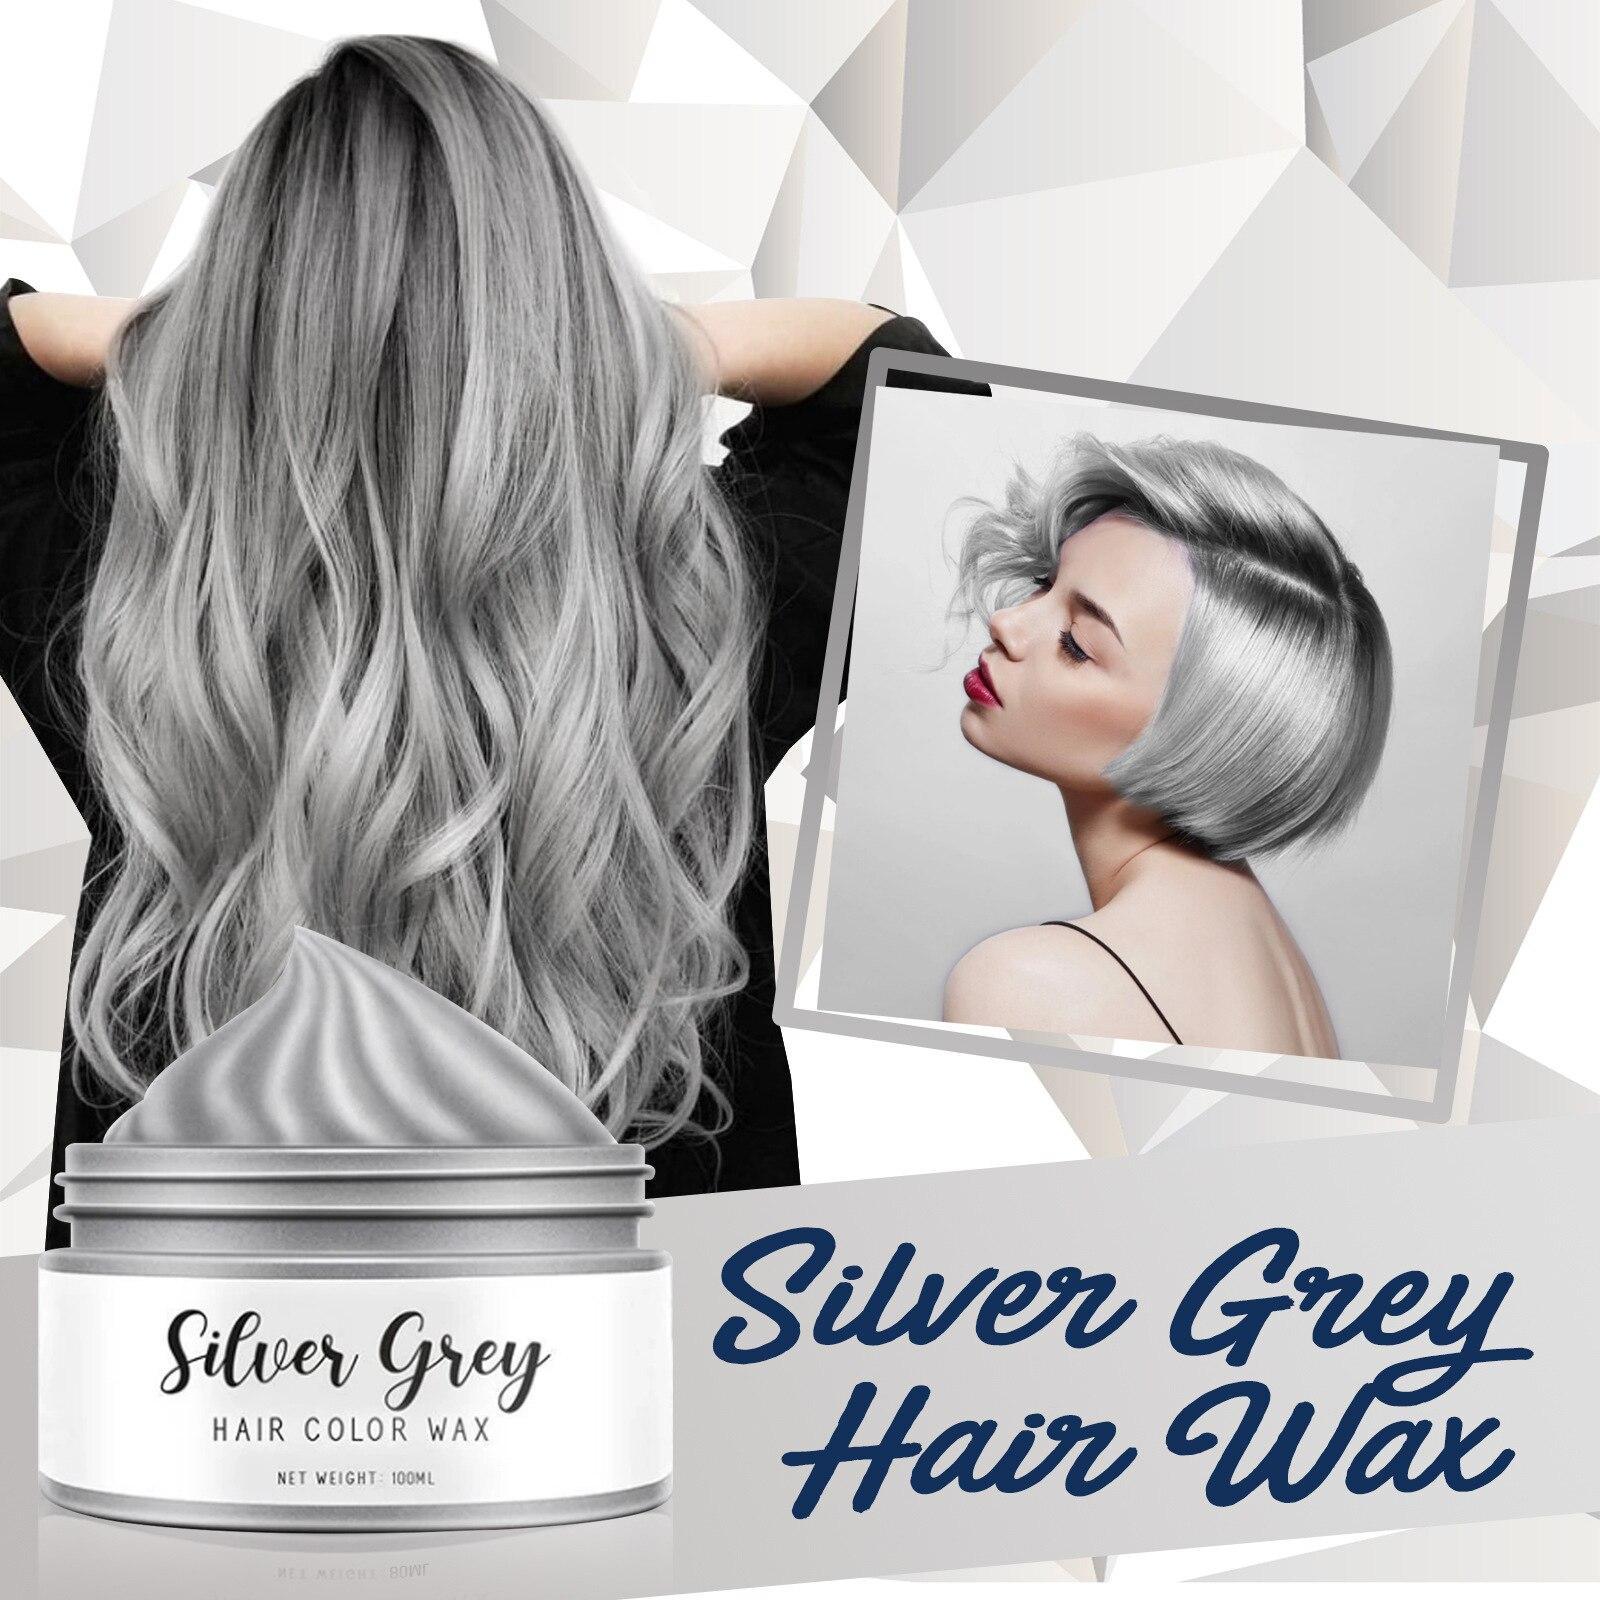 Prata cinza cor do cabelo cera temporária cores cabelo tintura beleza cuidados cabelo estilo cera 1/3.4 oz nin668